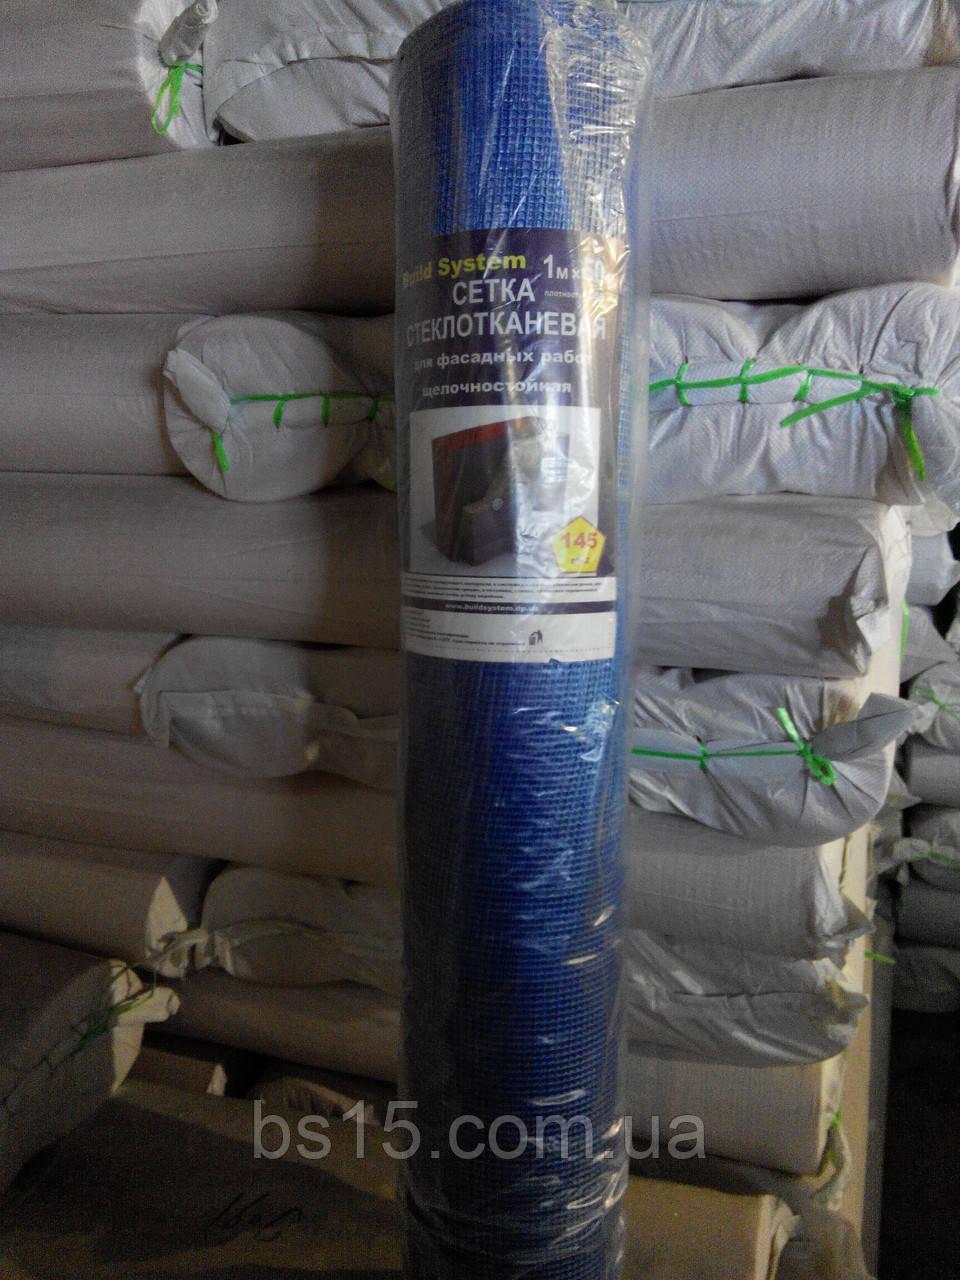 Сетка фасадная 145 г/м2 армирующая строительная ячейка 5х5 мм доставка по Украине, фото 1